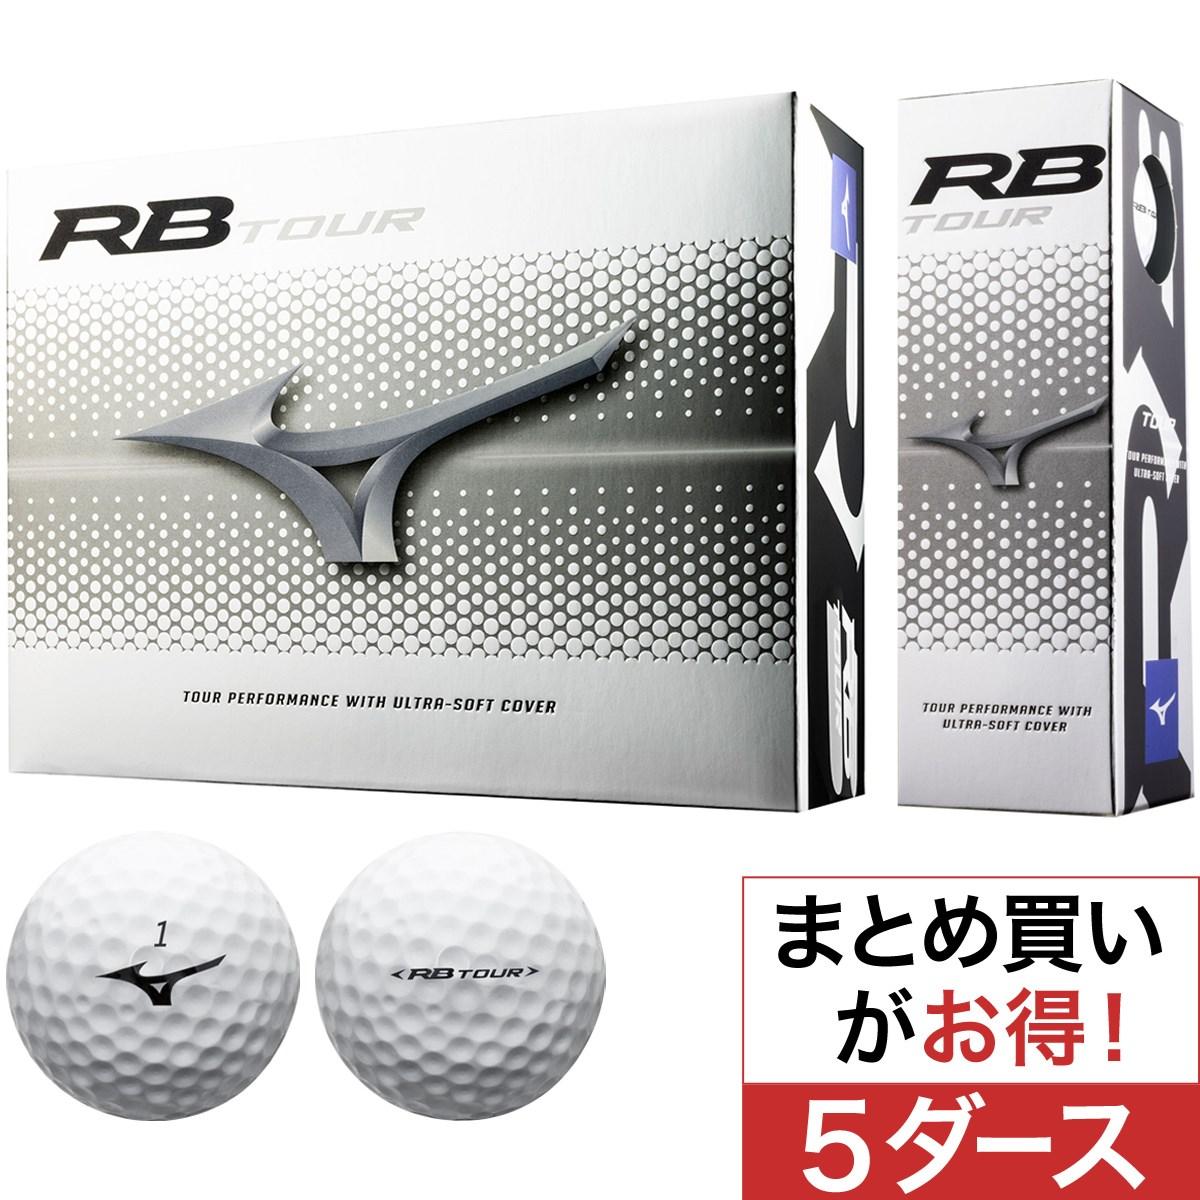 ミズノ(MIZUNO) RB TOUR ボール 5ダースセット